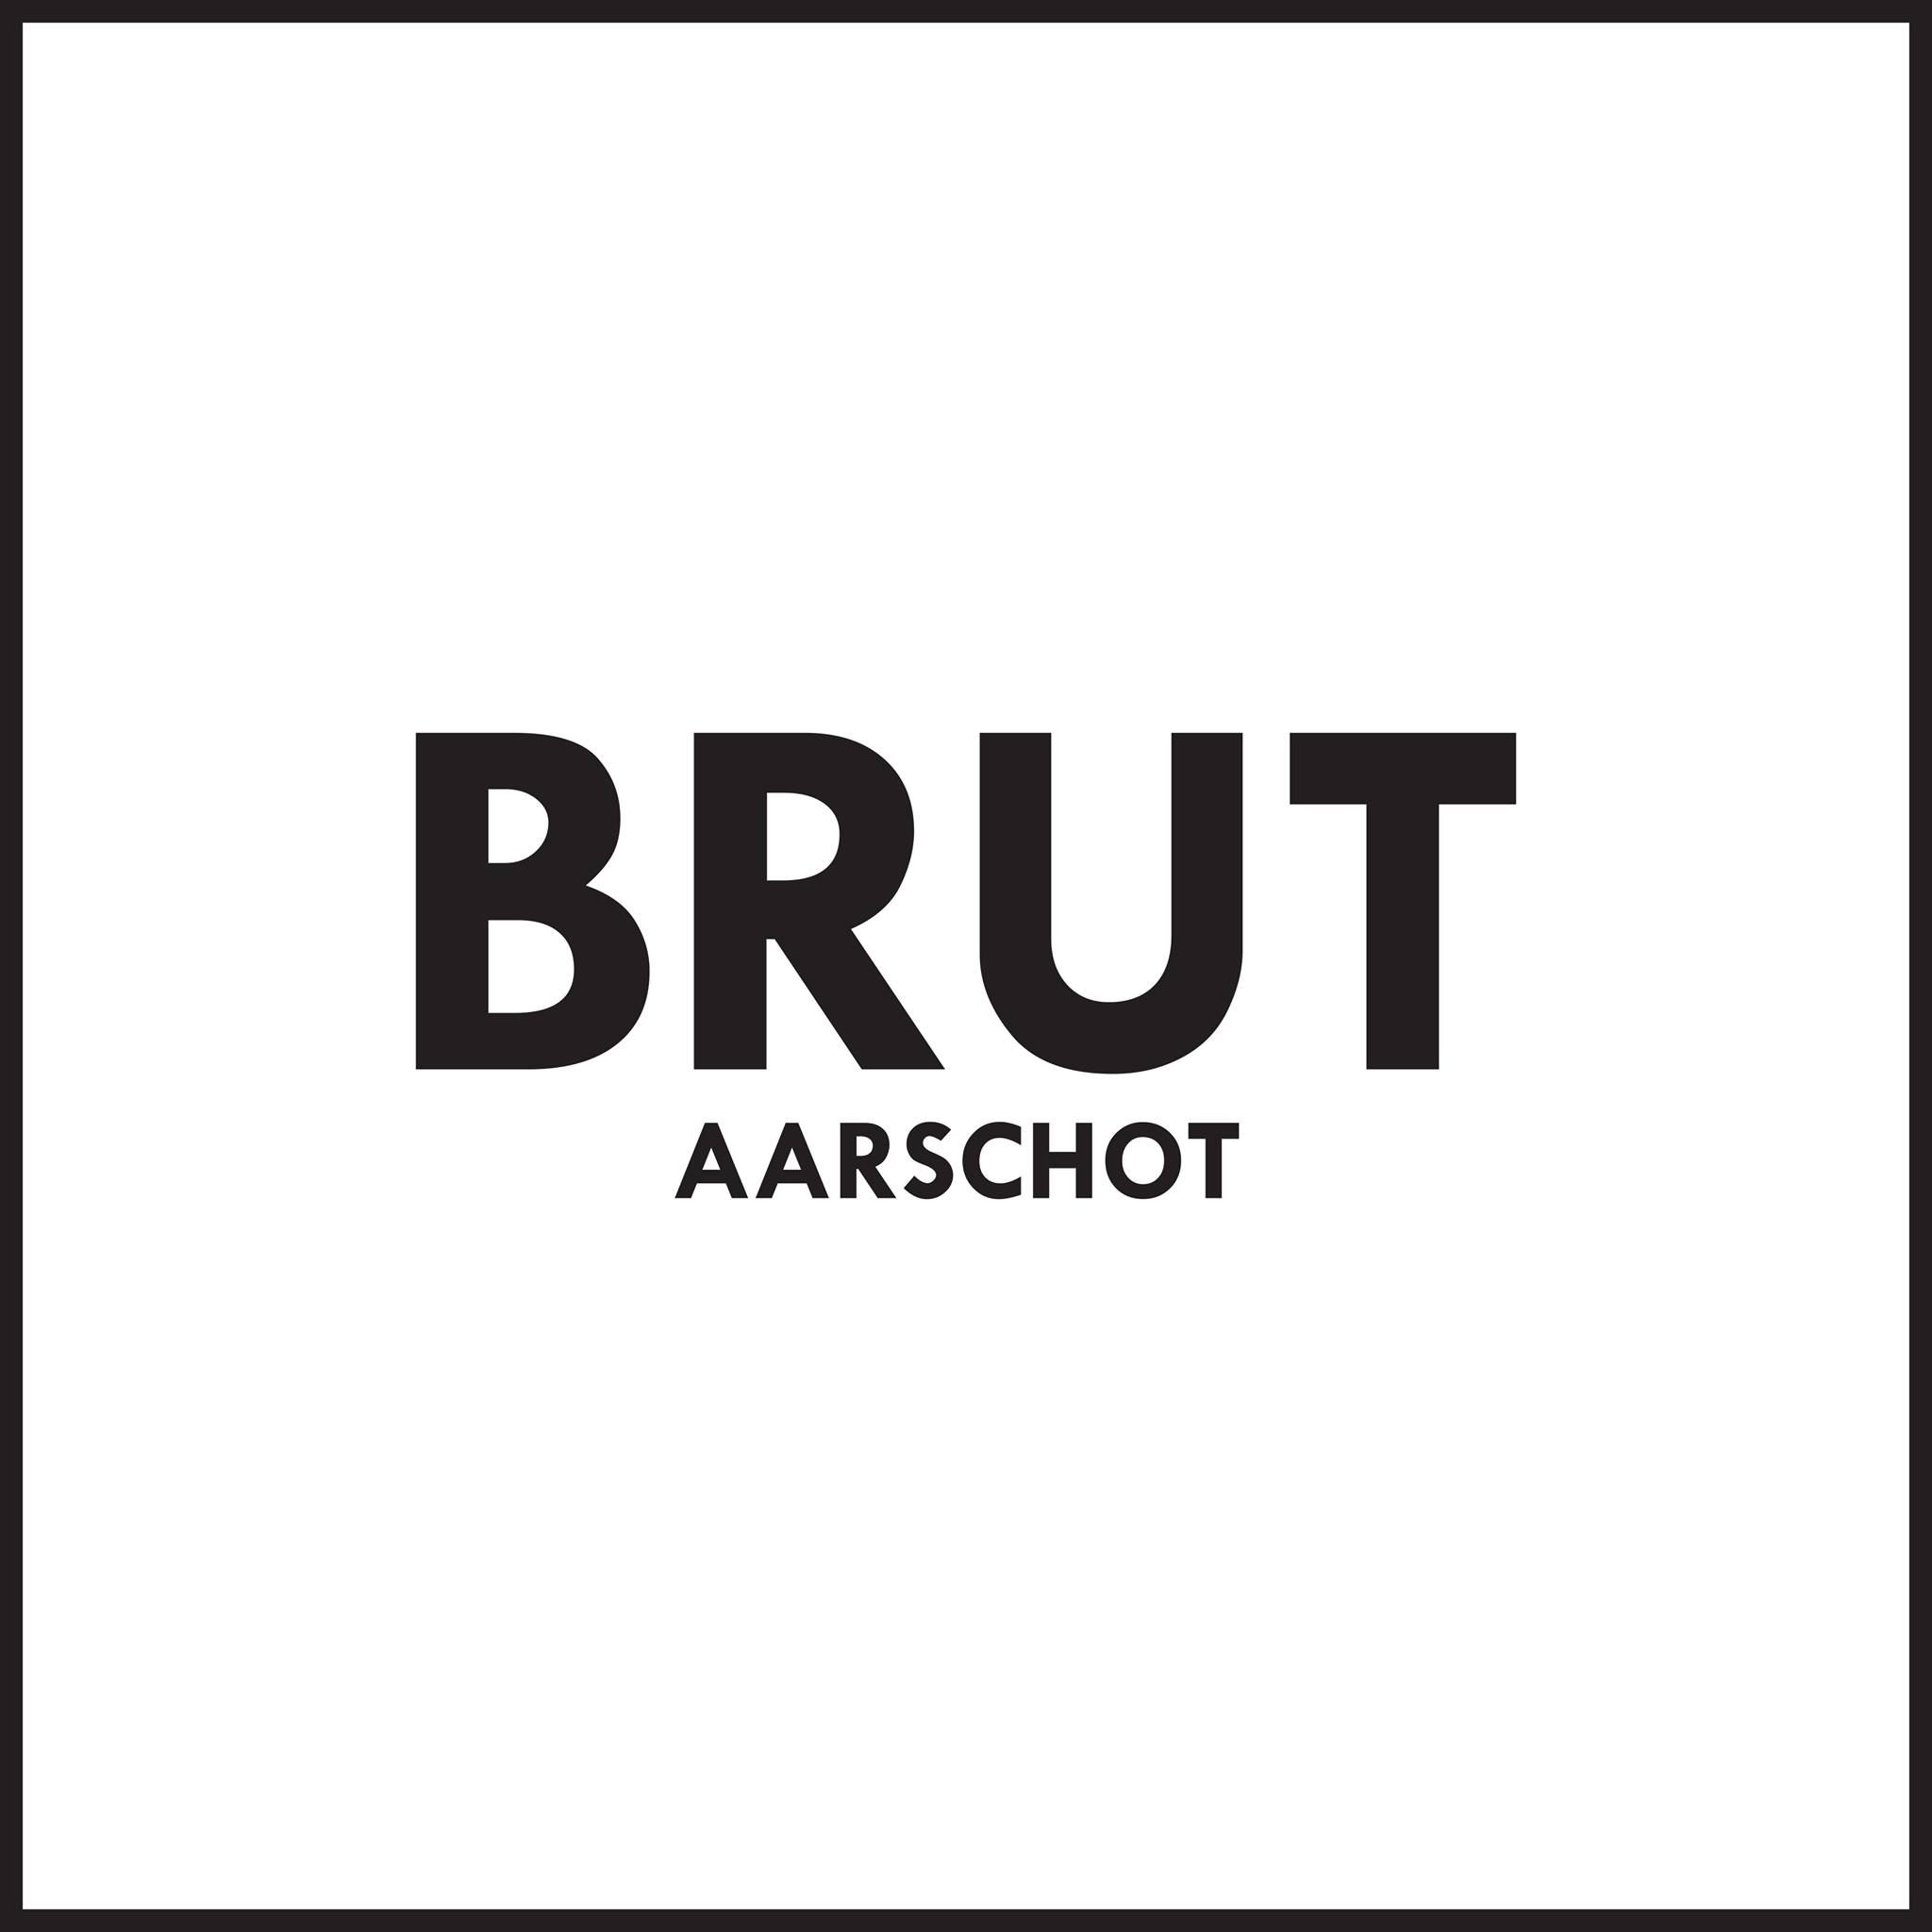 www.brutaarschot.be